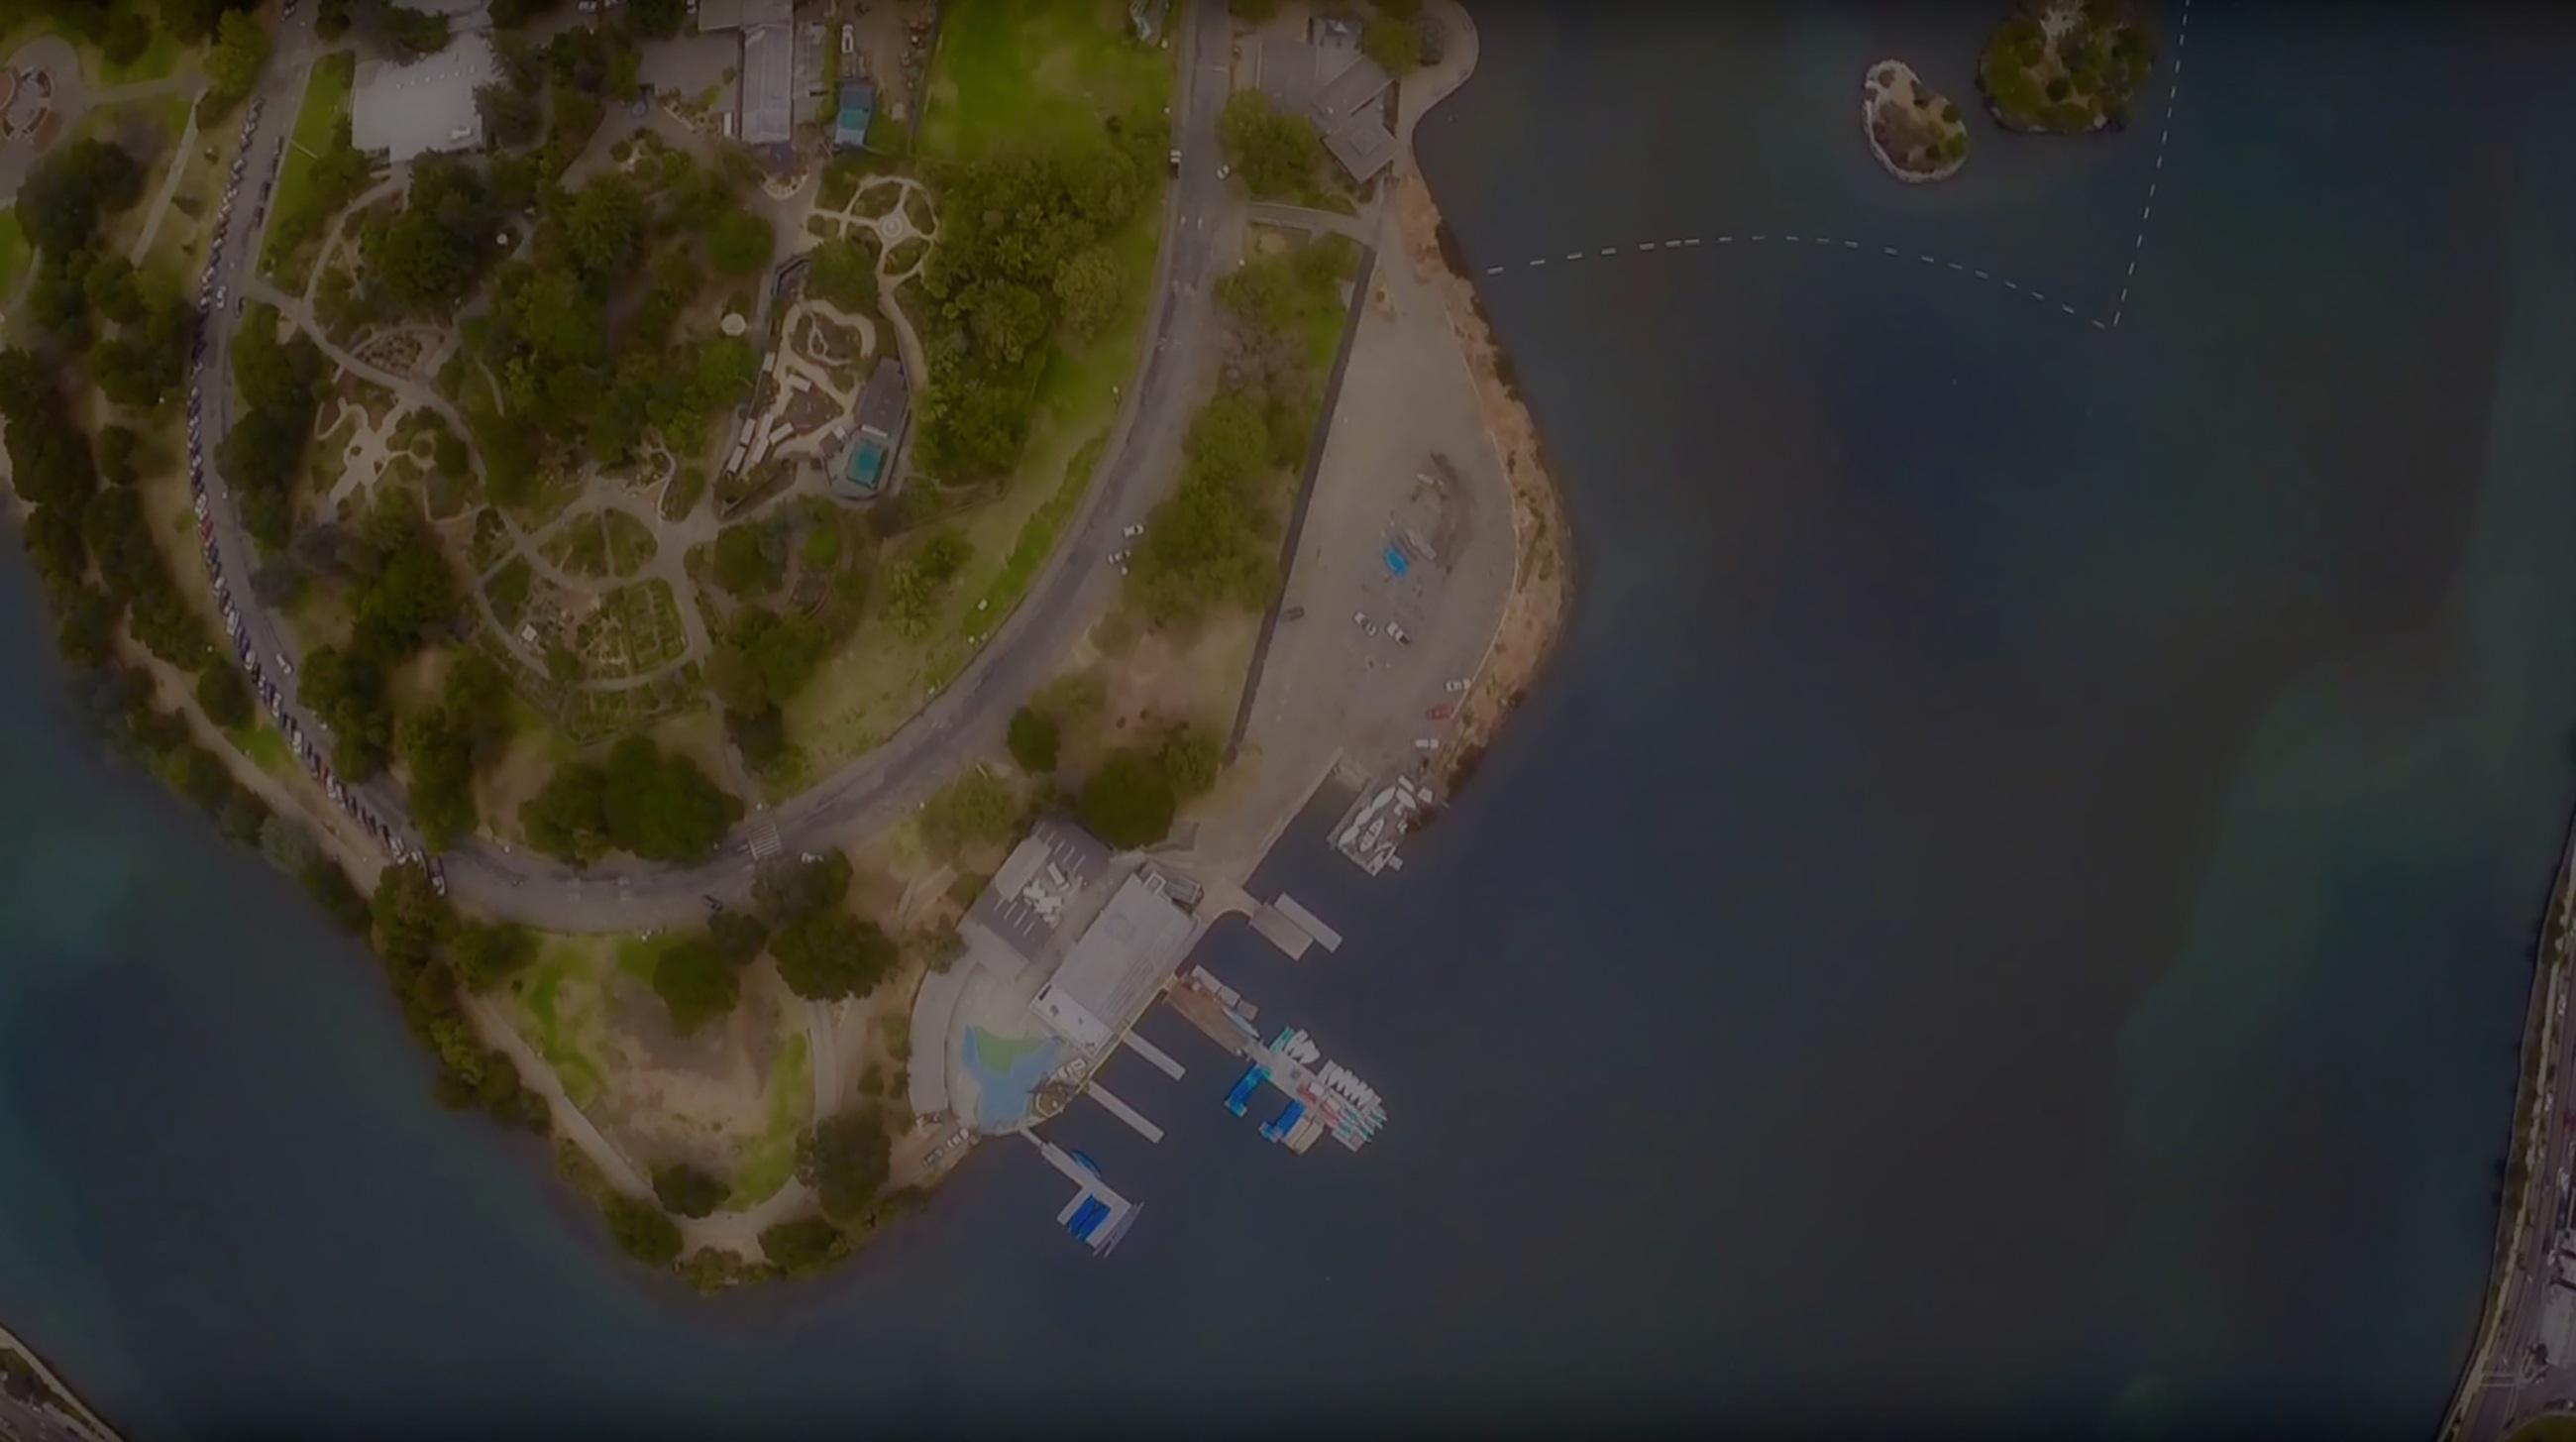 lake-merrit-blurred-back